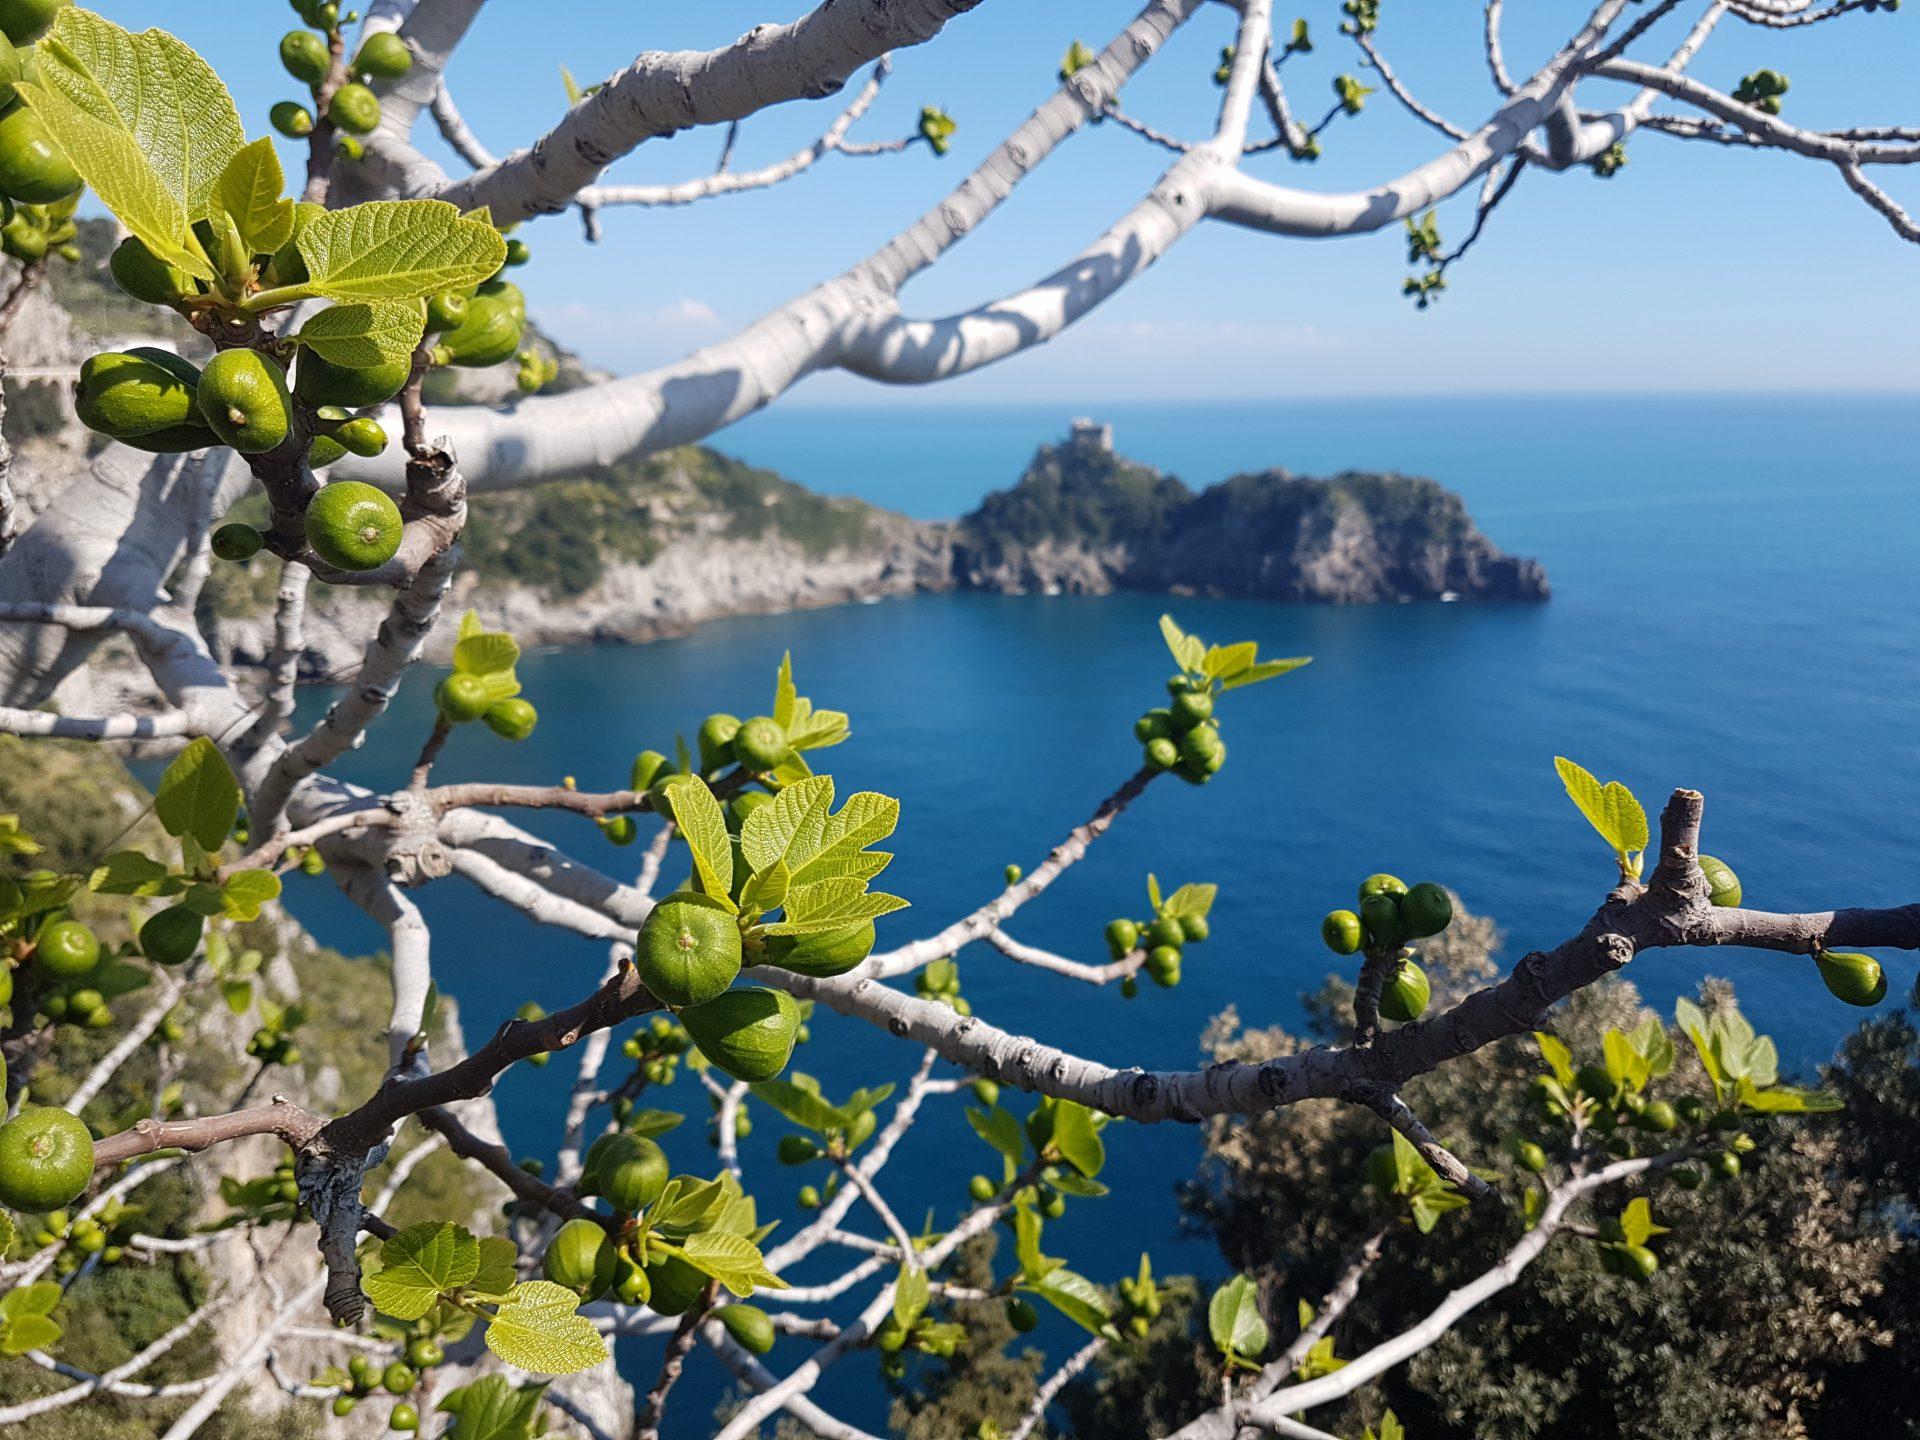 Dojrzewające figi - marzec na Wybrzeżu Amalfi